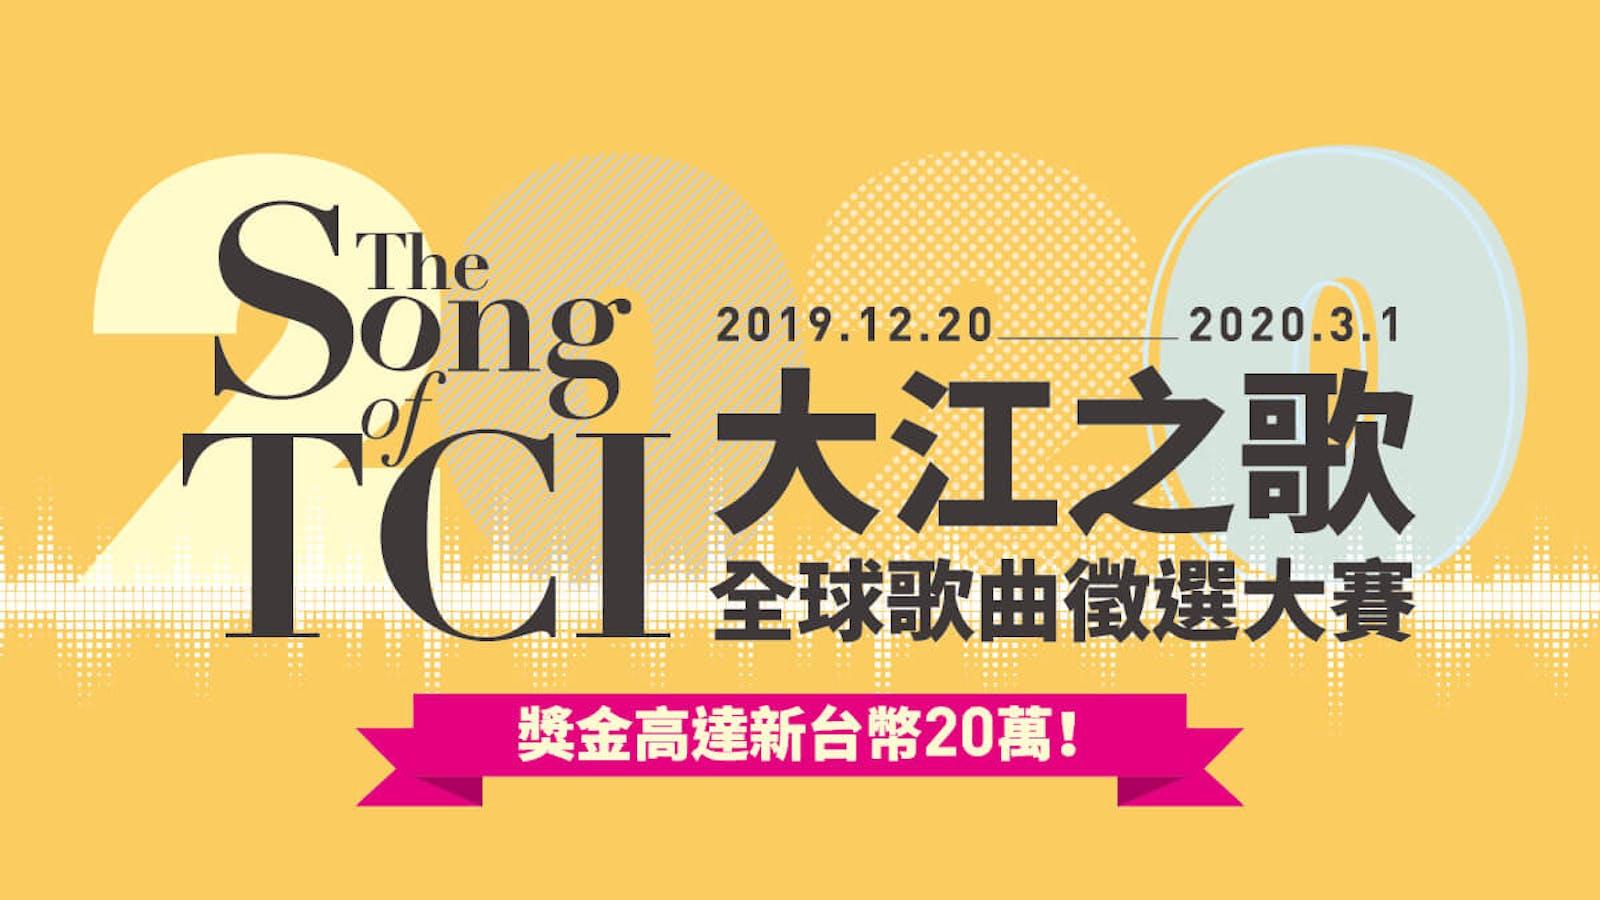 大江之歌-全球歌曲徵選大賽